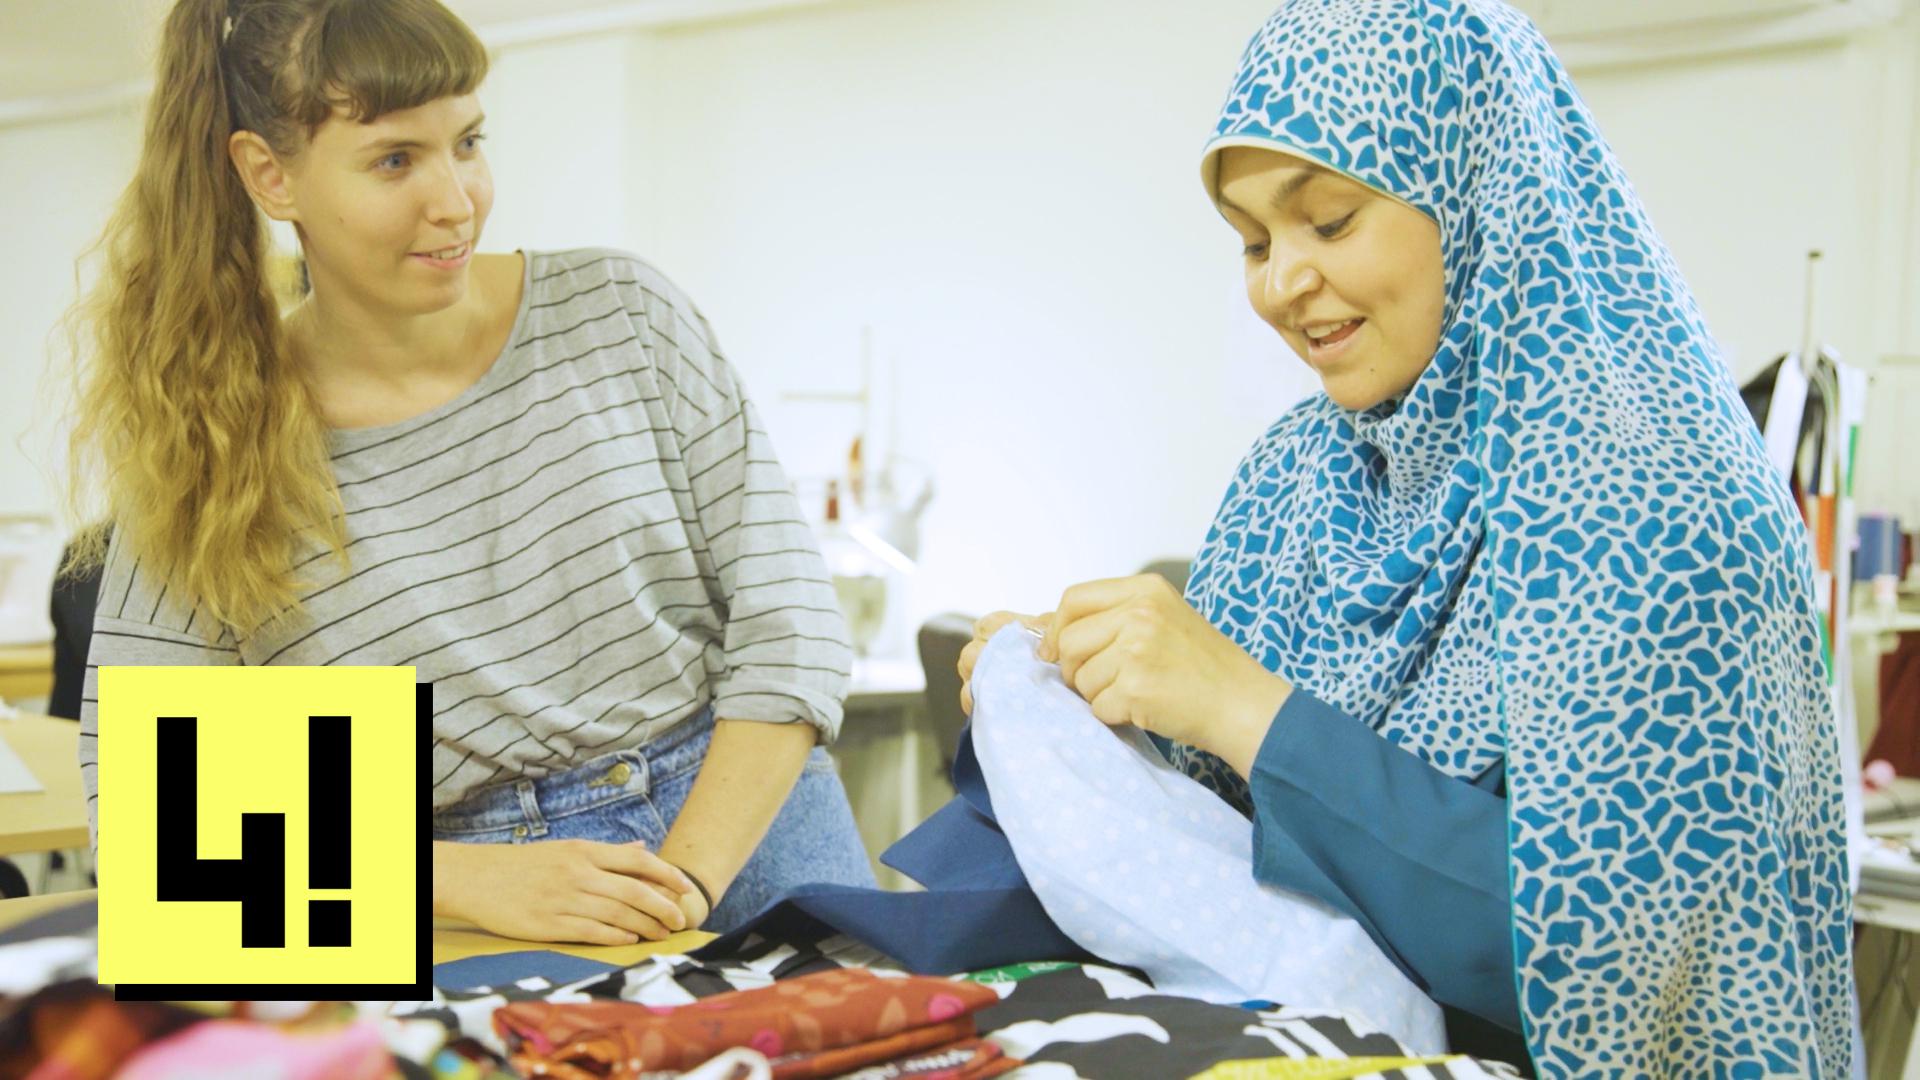 A következő IKEA függönyödet már talán ezek a bevándorló nők varrják